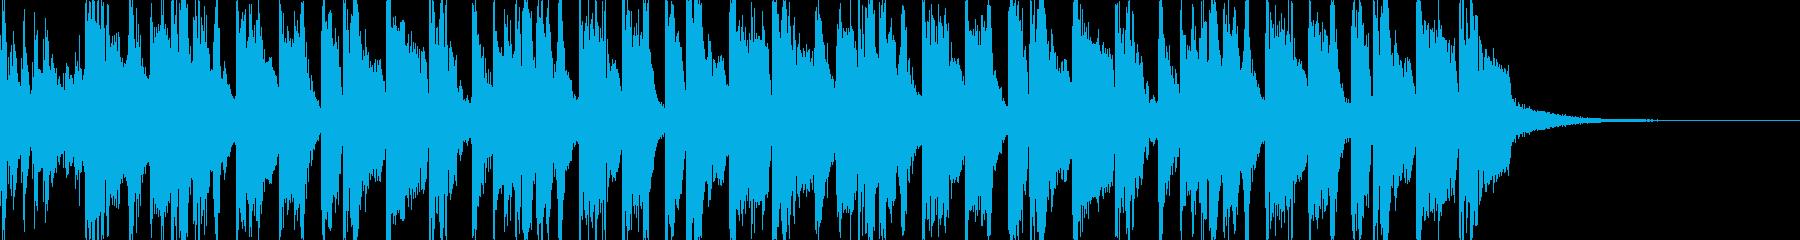 渋谷系 原宿系 かわいいポップなジングルの再生済みの波形